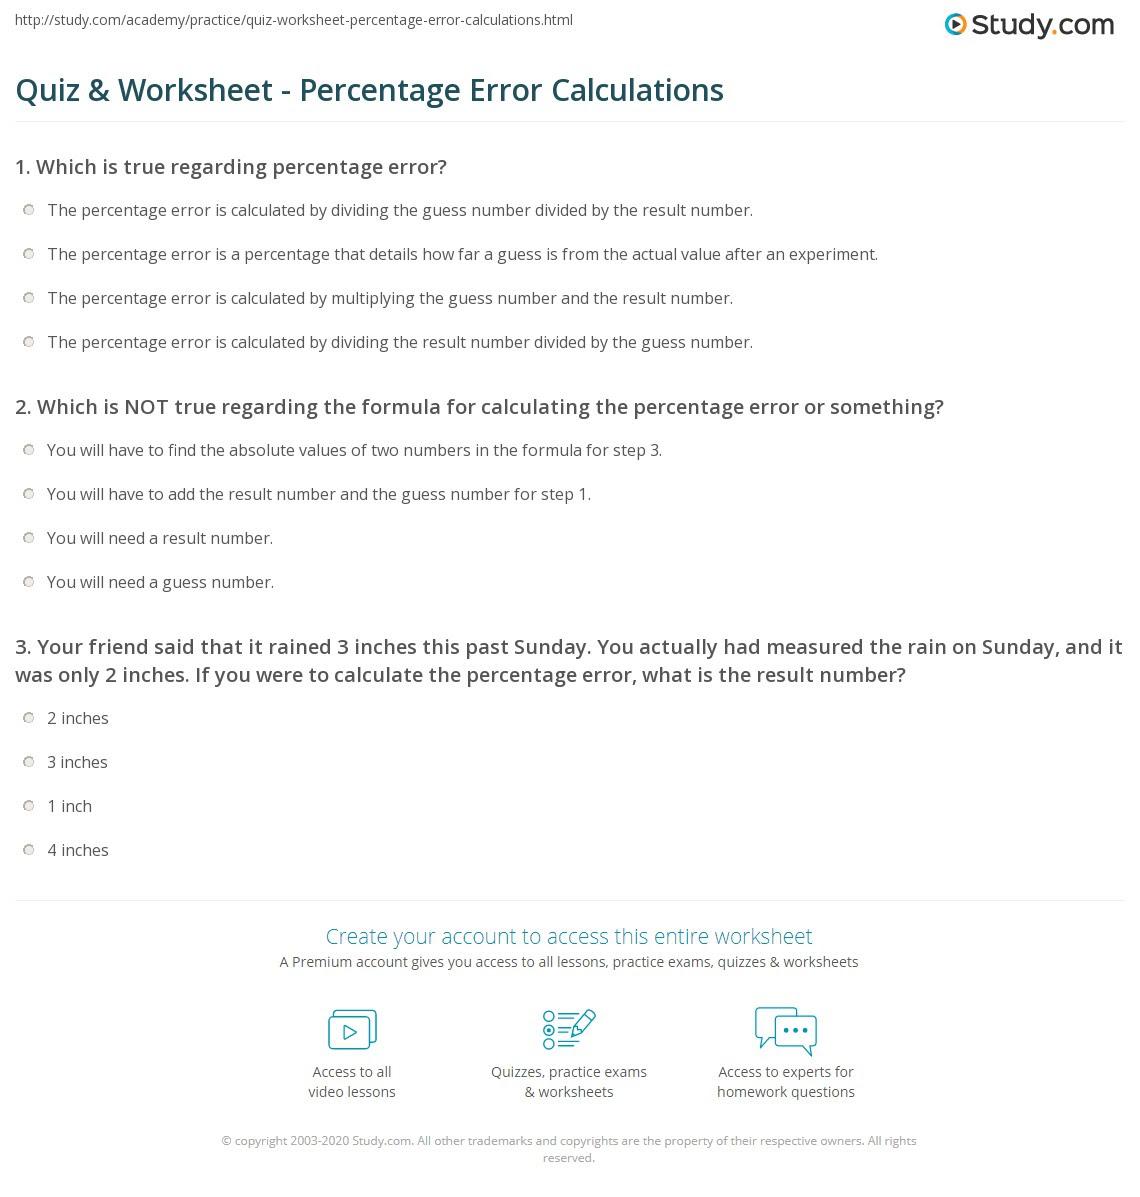 Quiz  Worksheet  Percentage Error Calculations  Study.com